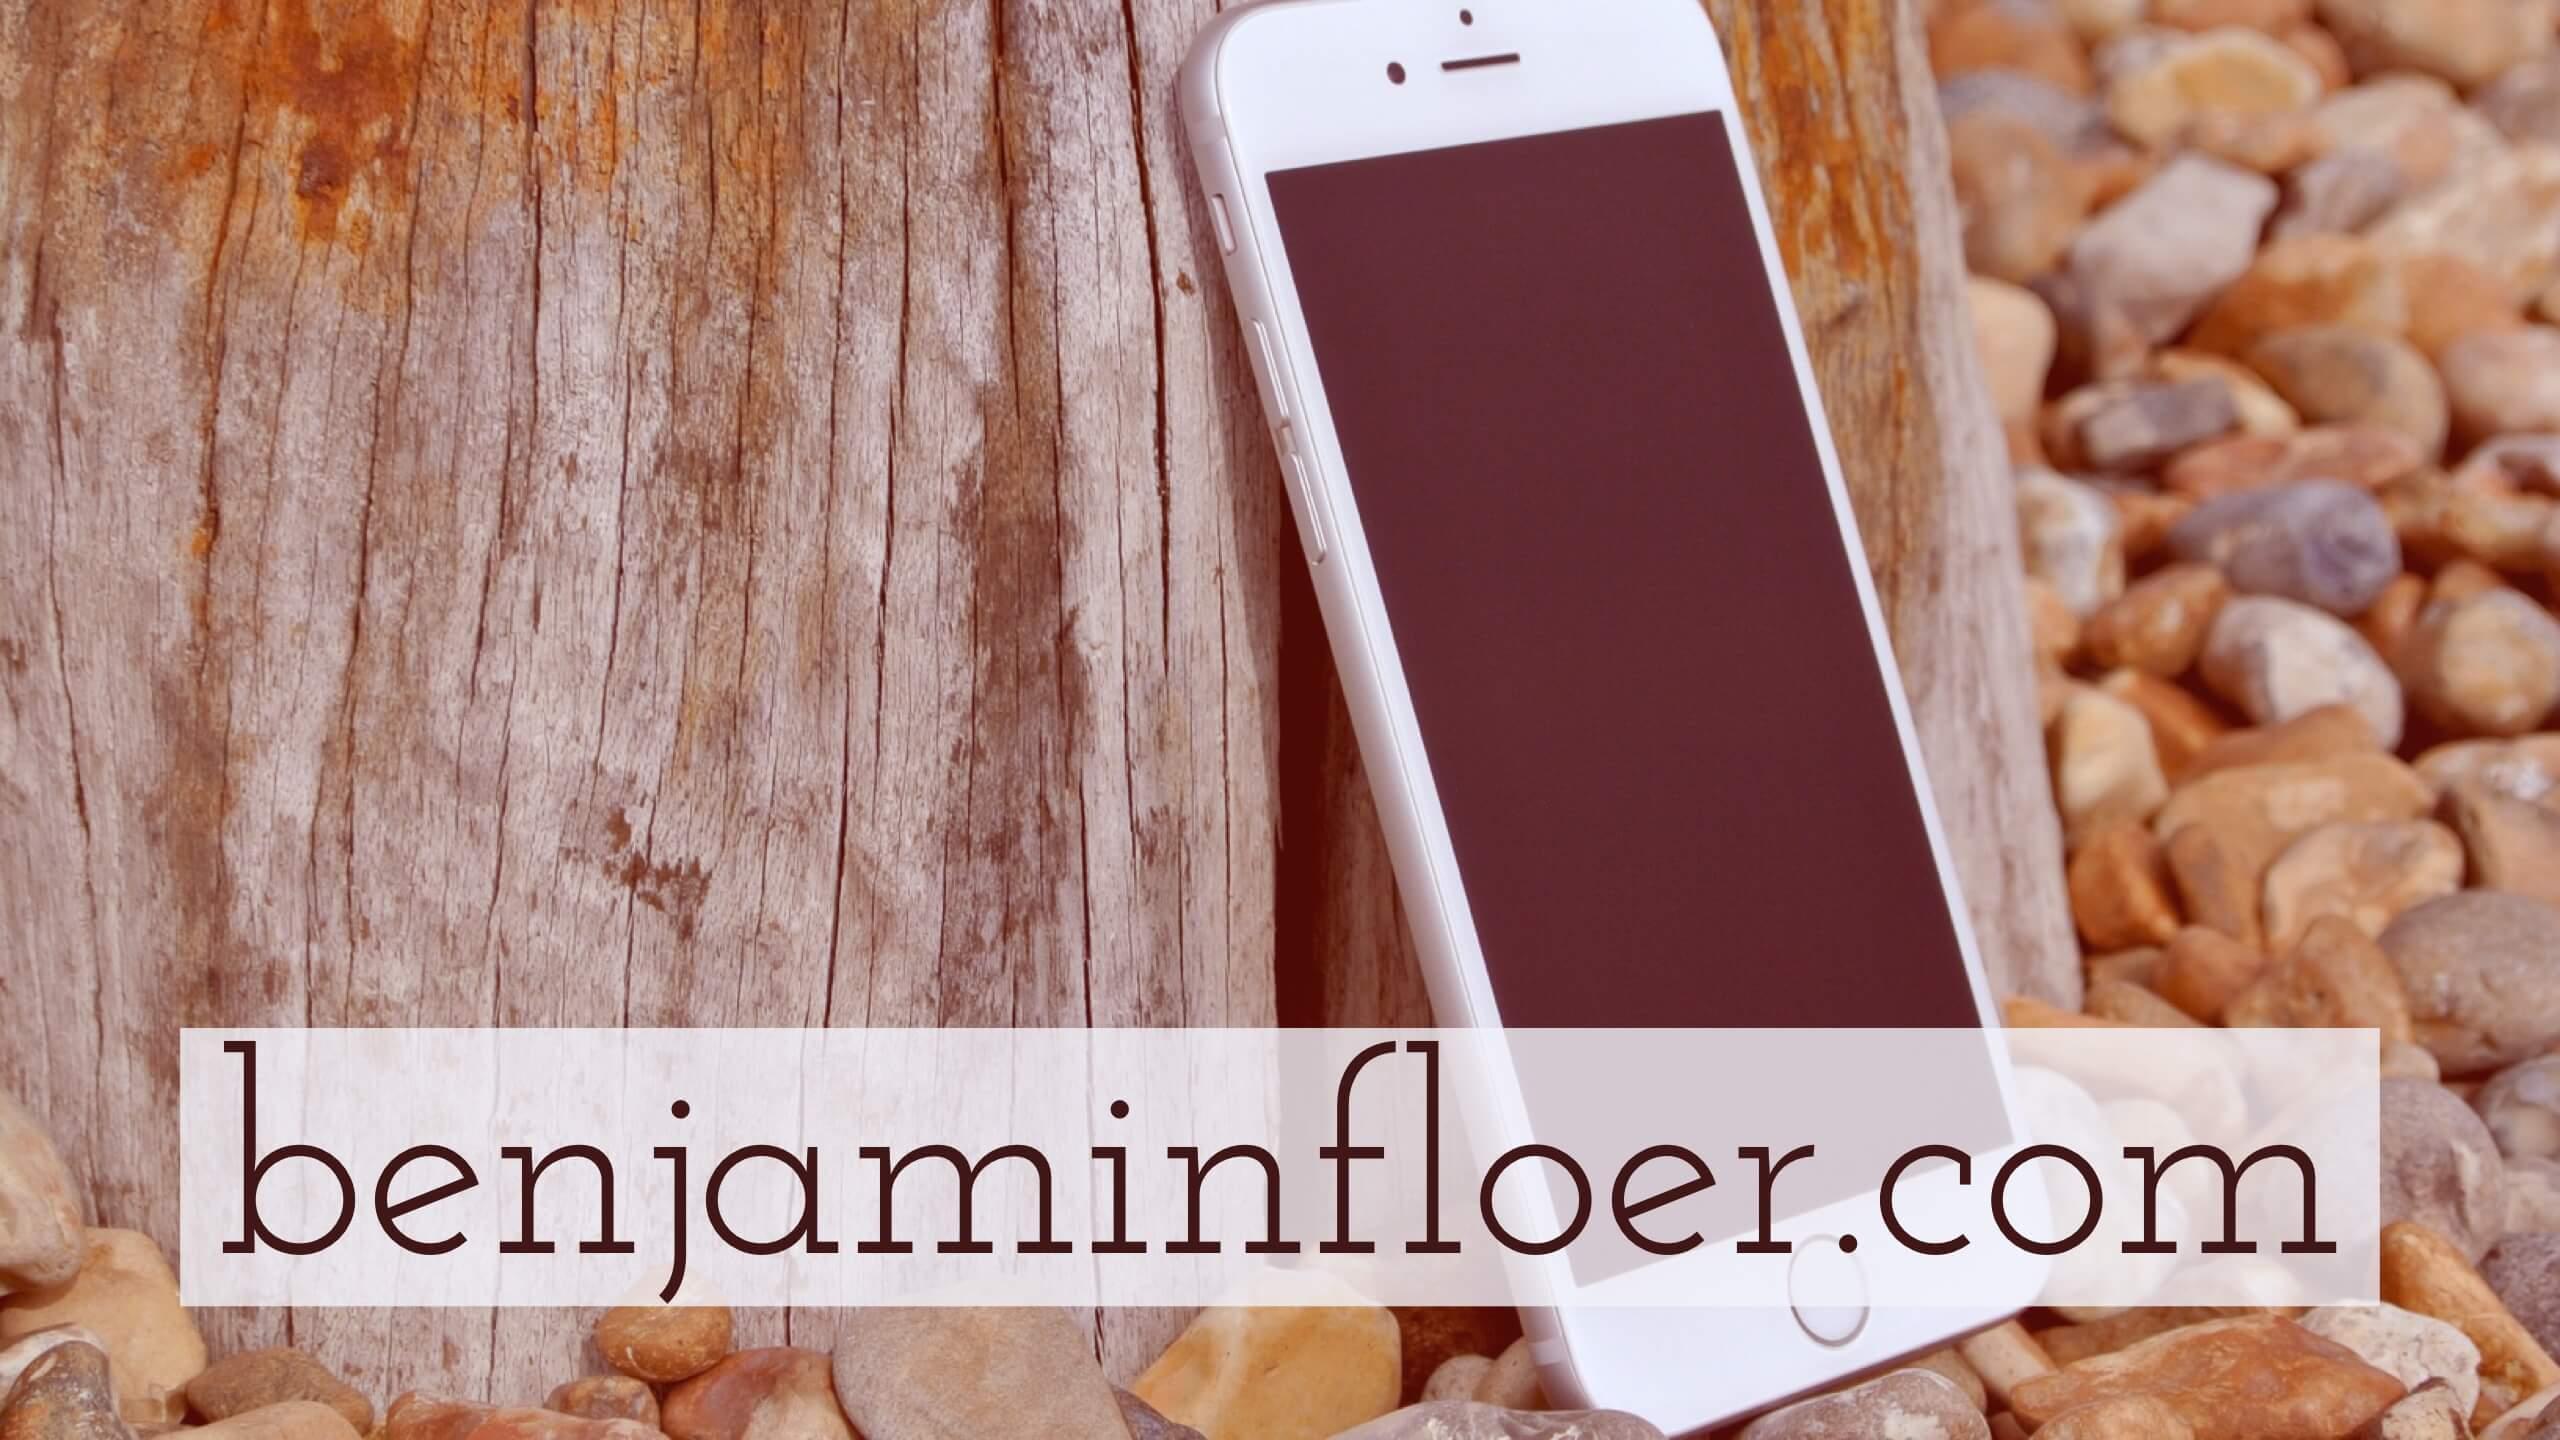 Apps die dir helfen deinen Fokus zu finden